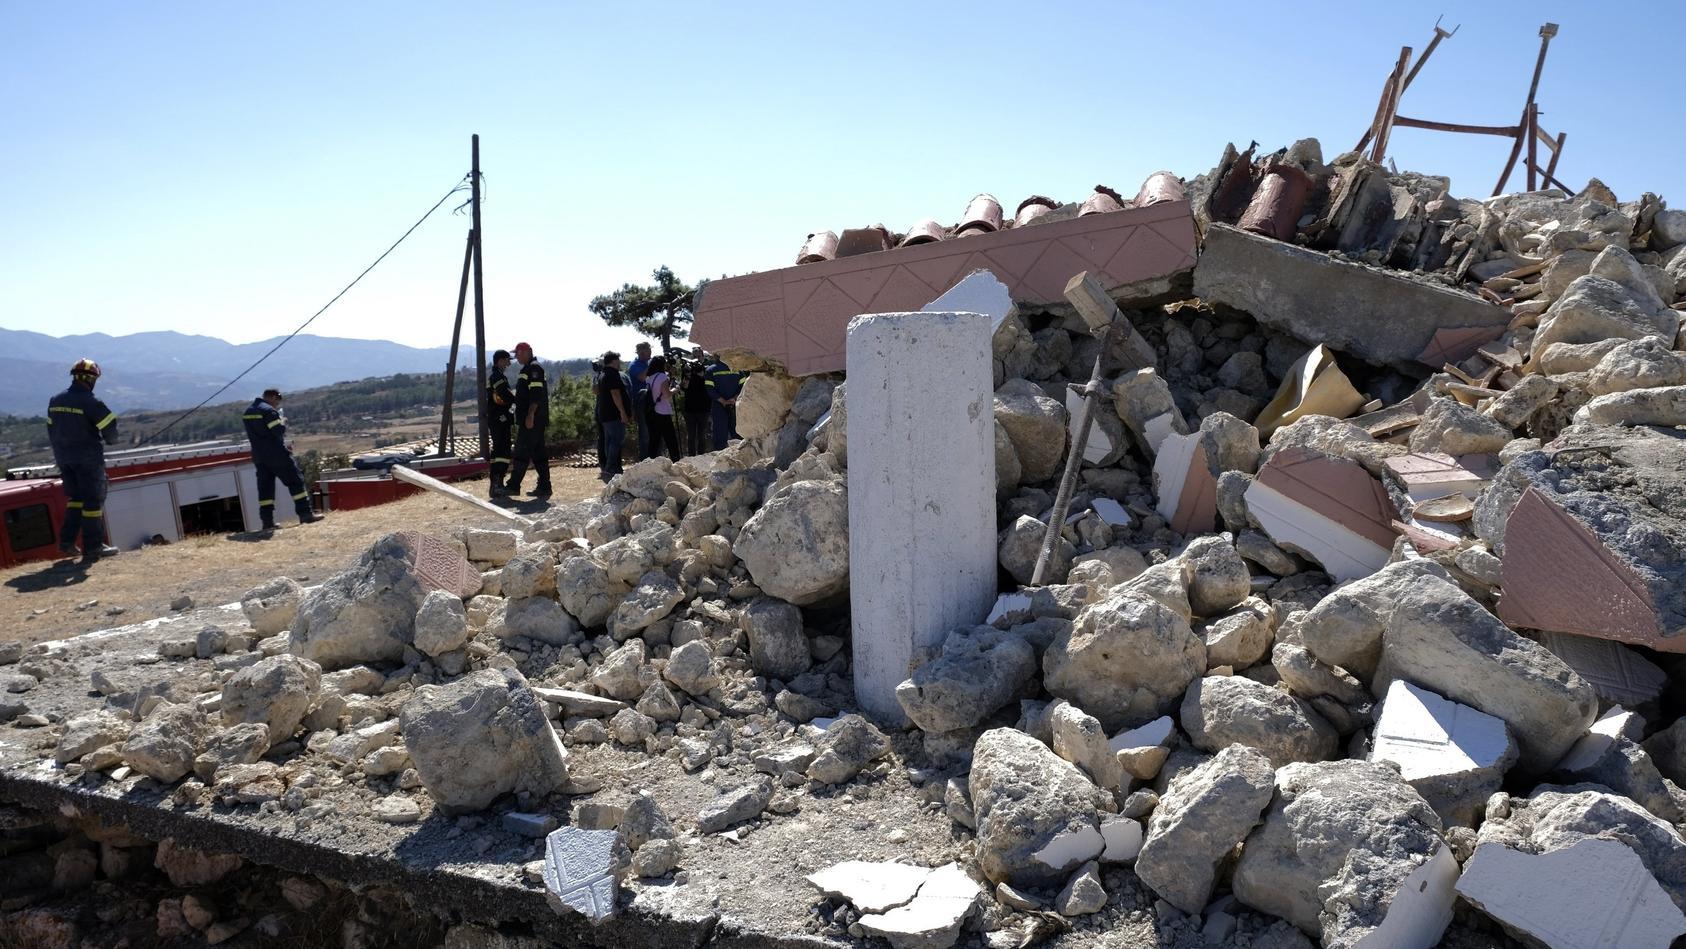 Erdbeben auf Kreta: Vor allem ältere Gebäude waren durch die Erdbeben auf der griechischen Insel eingestürzt.